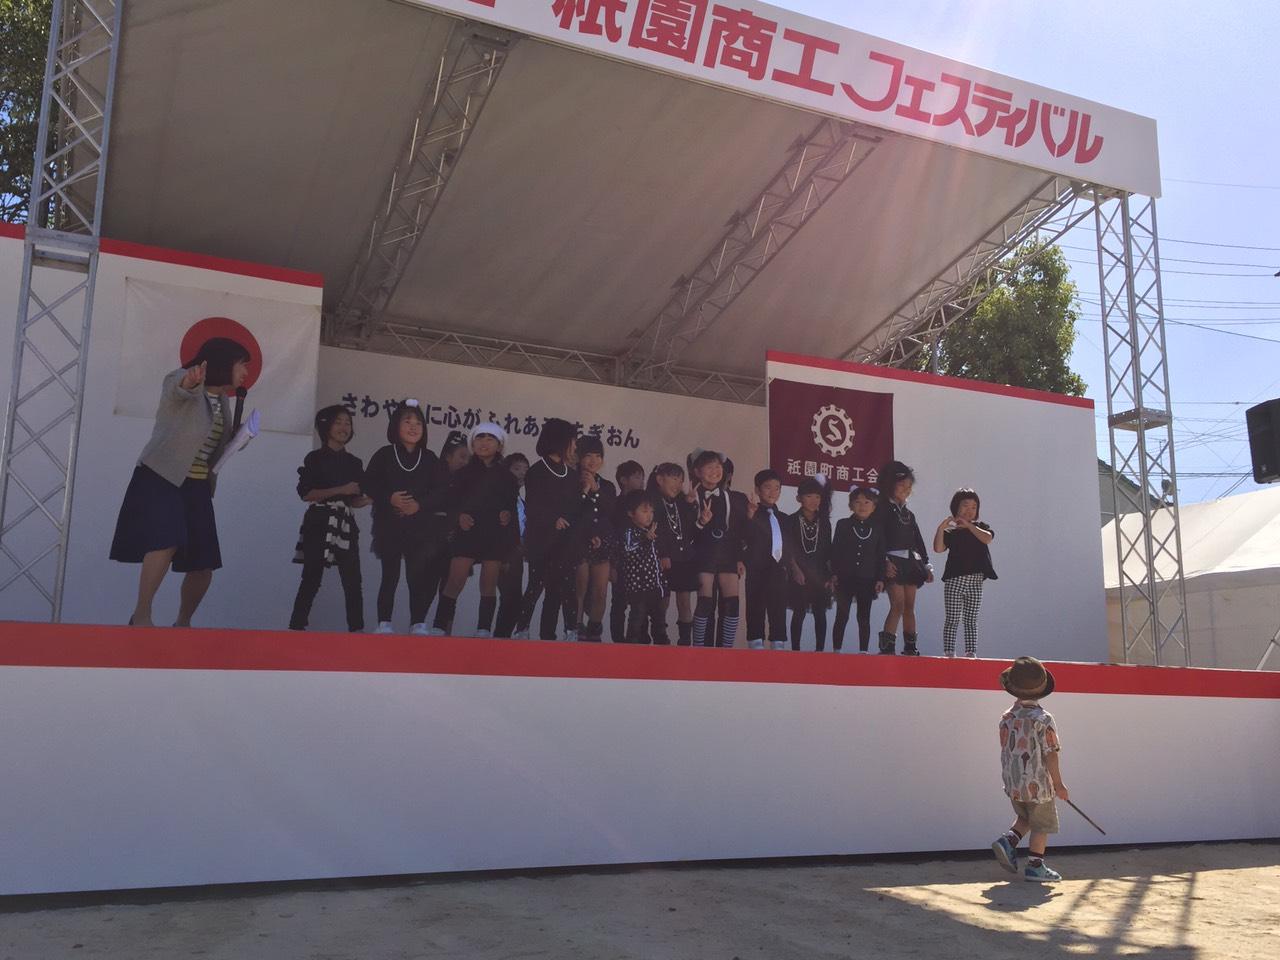 祇園商工フェスティバル2